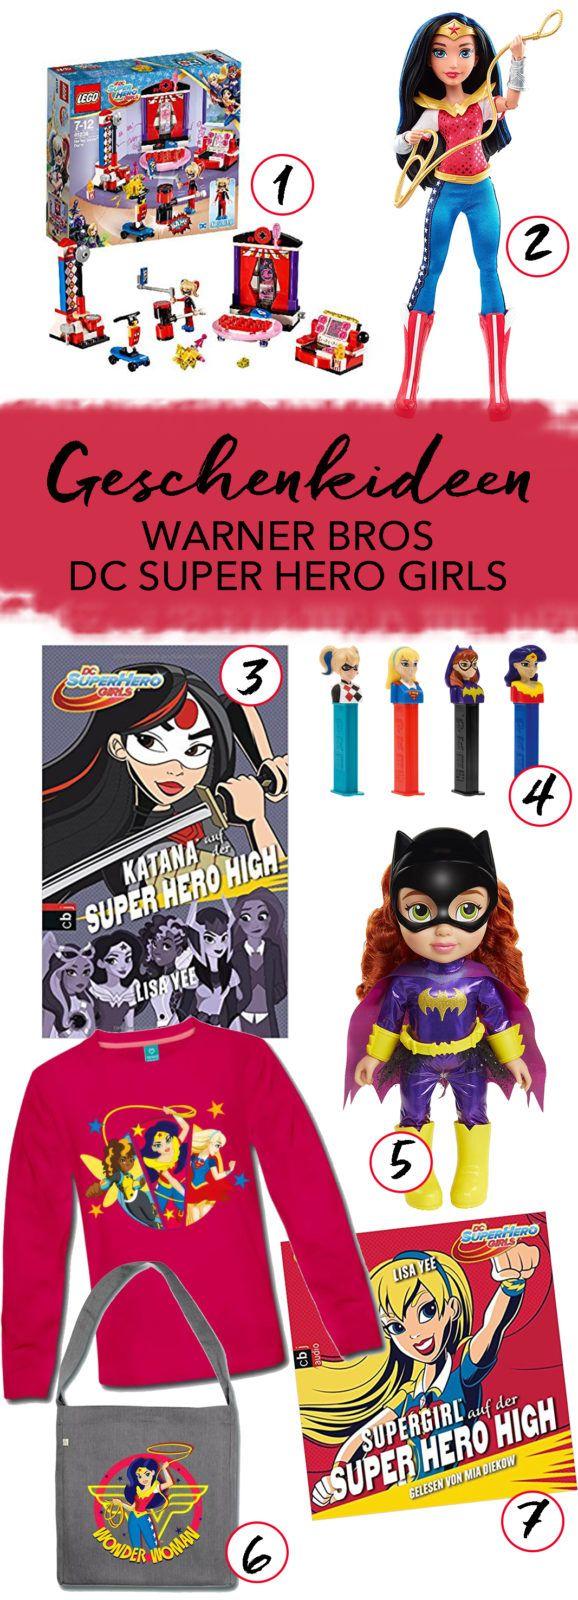 Geschenkideen Mit Warner Bros Elternblogs Auf Pinterest